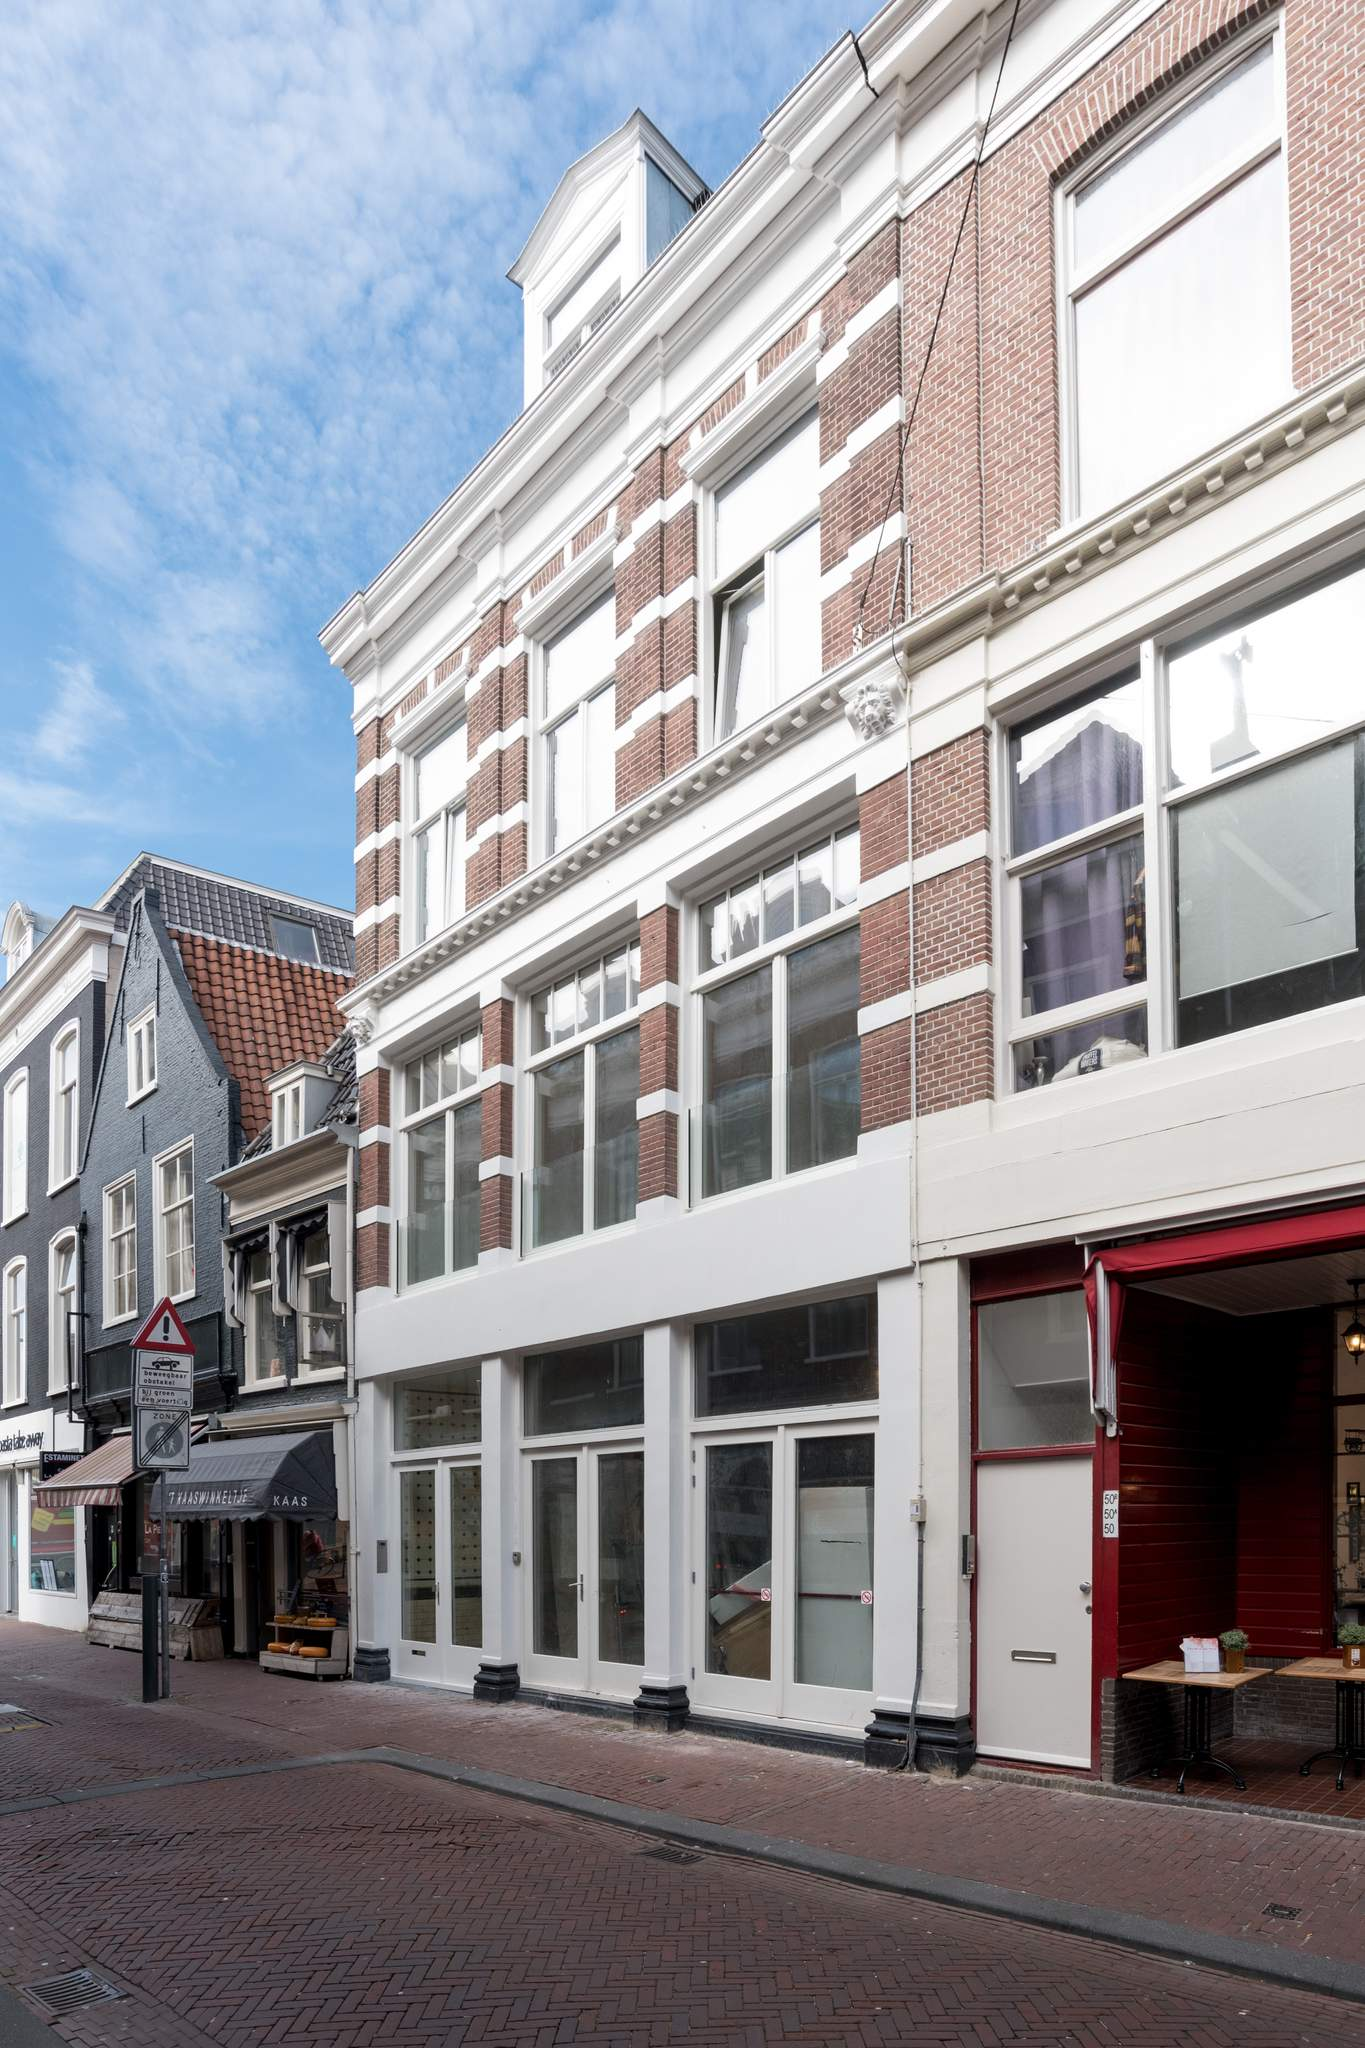 Te huur : Appartement Koningstraat 54 in Haarlem